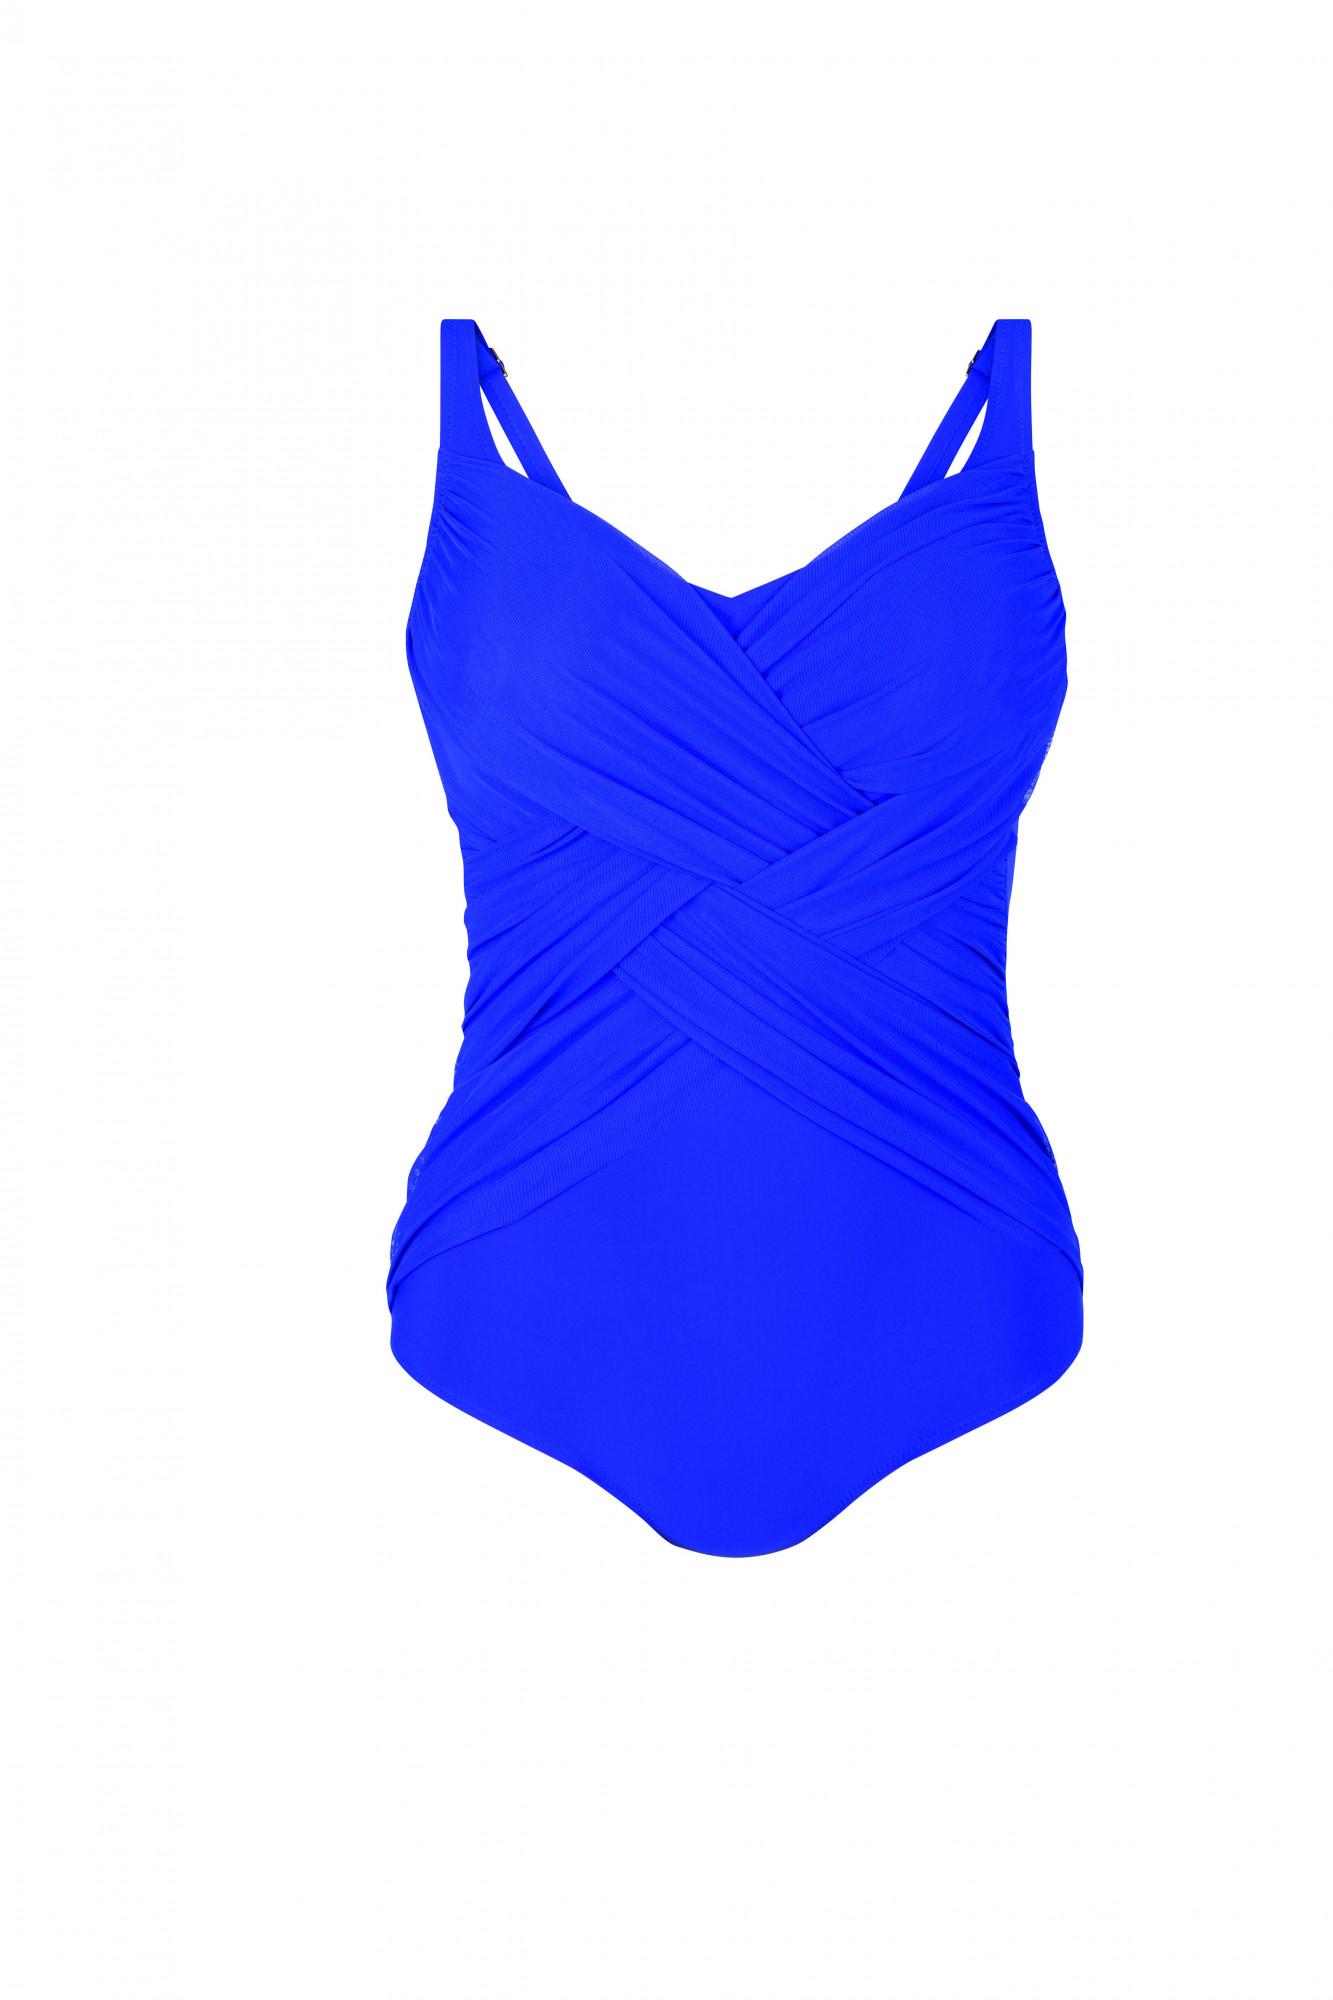 d22bc7dbac8 Dámské jednodílné plavky Aileen L9-7204 - Anita modrá 38D